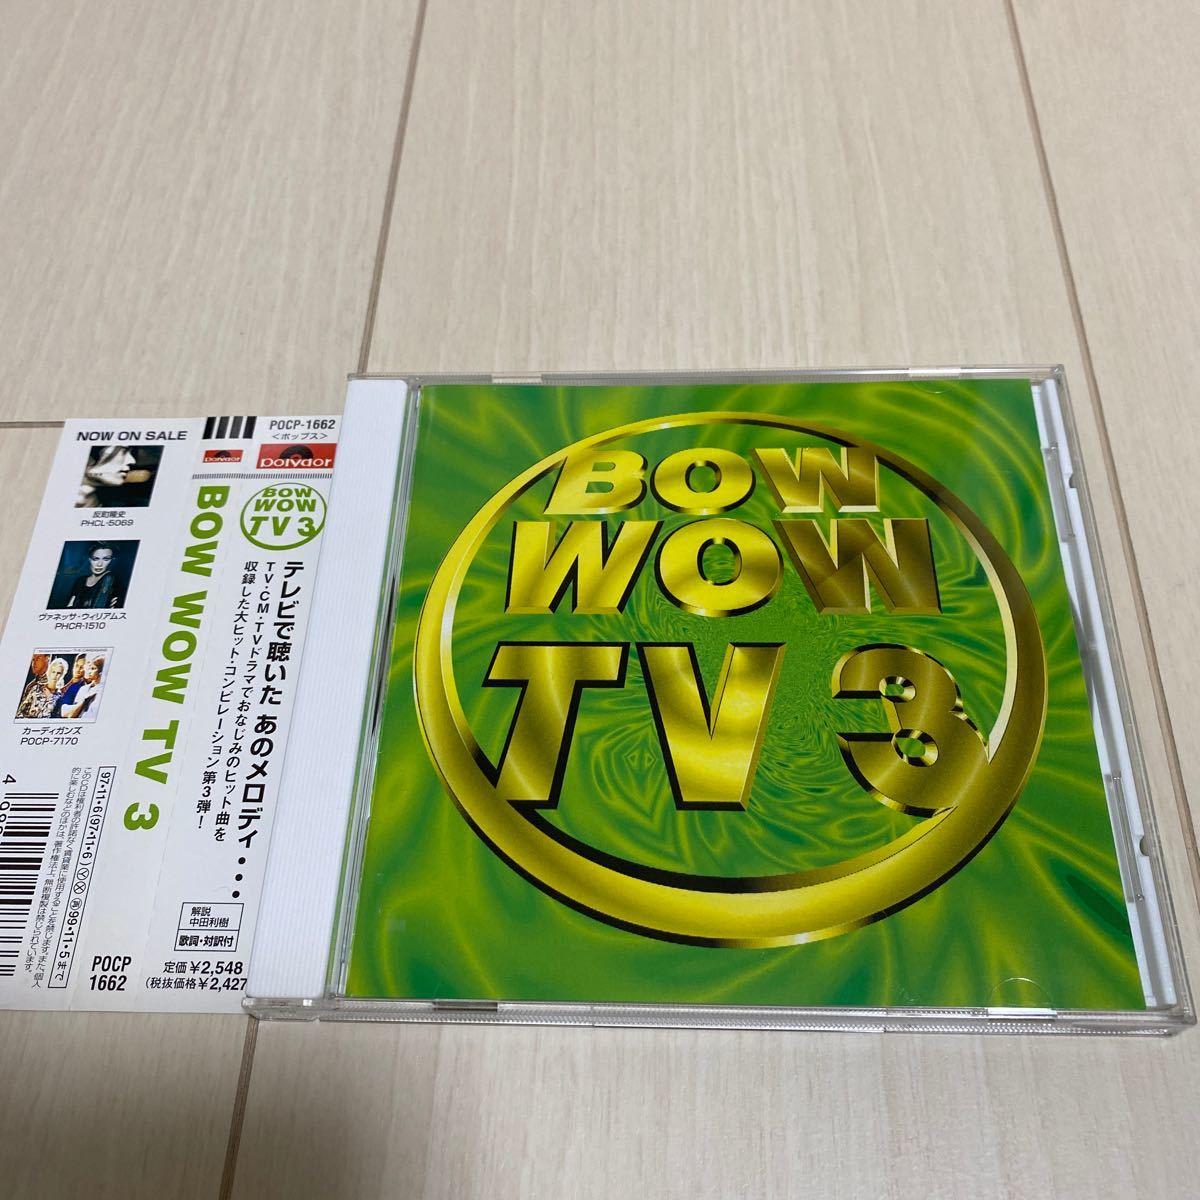 オムニバス (Mジャクソン/BOWWOWTV3